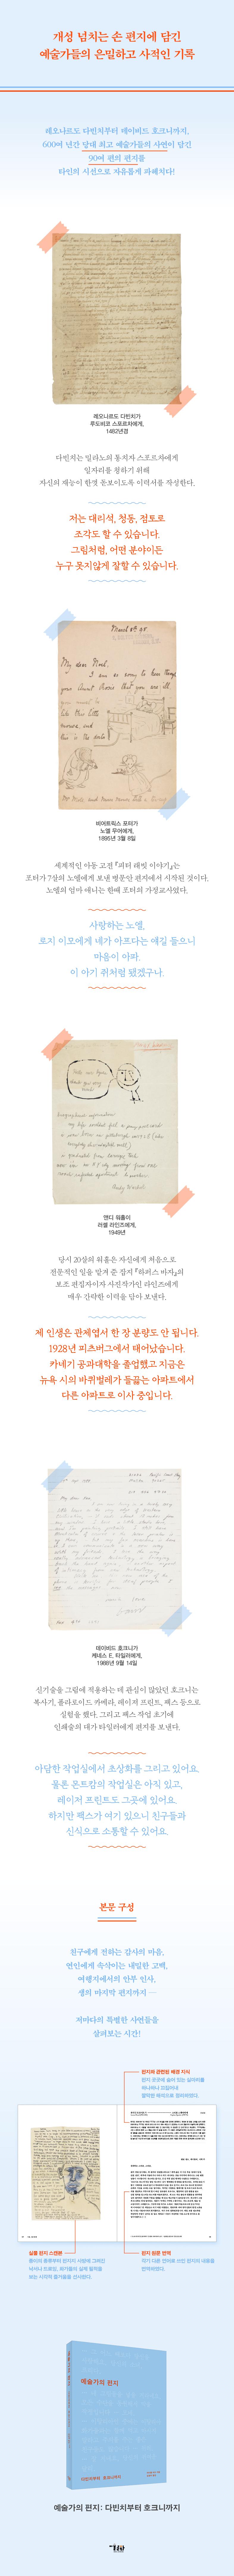 예술가의 편지-본문 미리보기.jpg